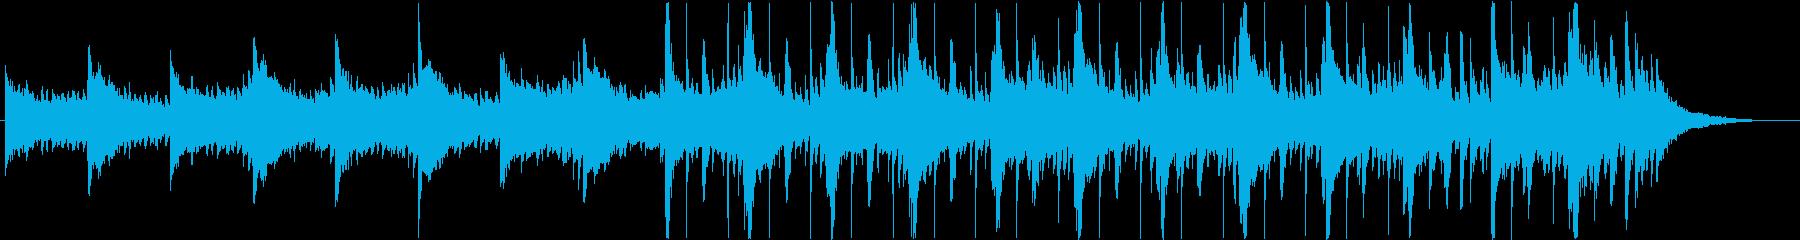 発見をテーマにした、インスピレーシ...の再生済みの波形